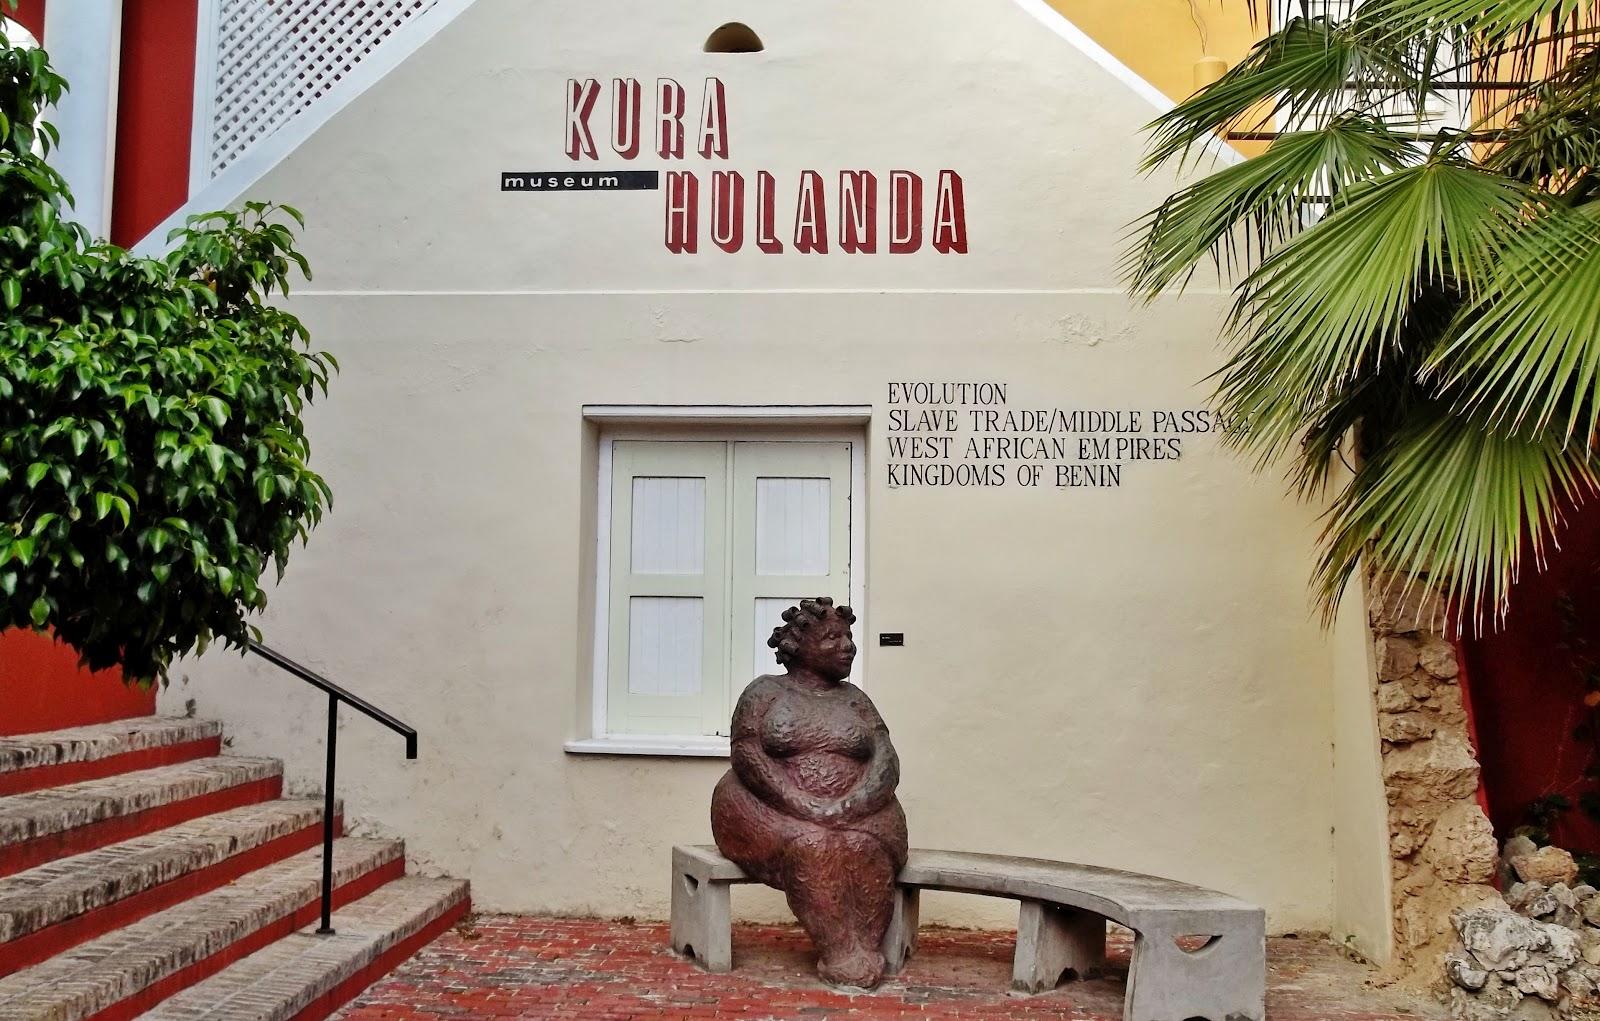 Kura Holada Museum _ Curaçao